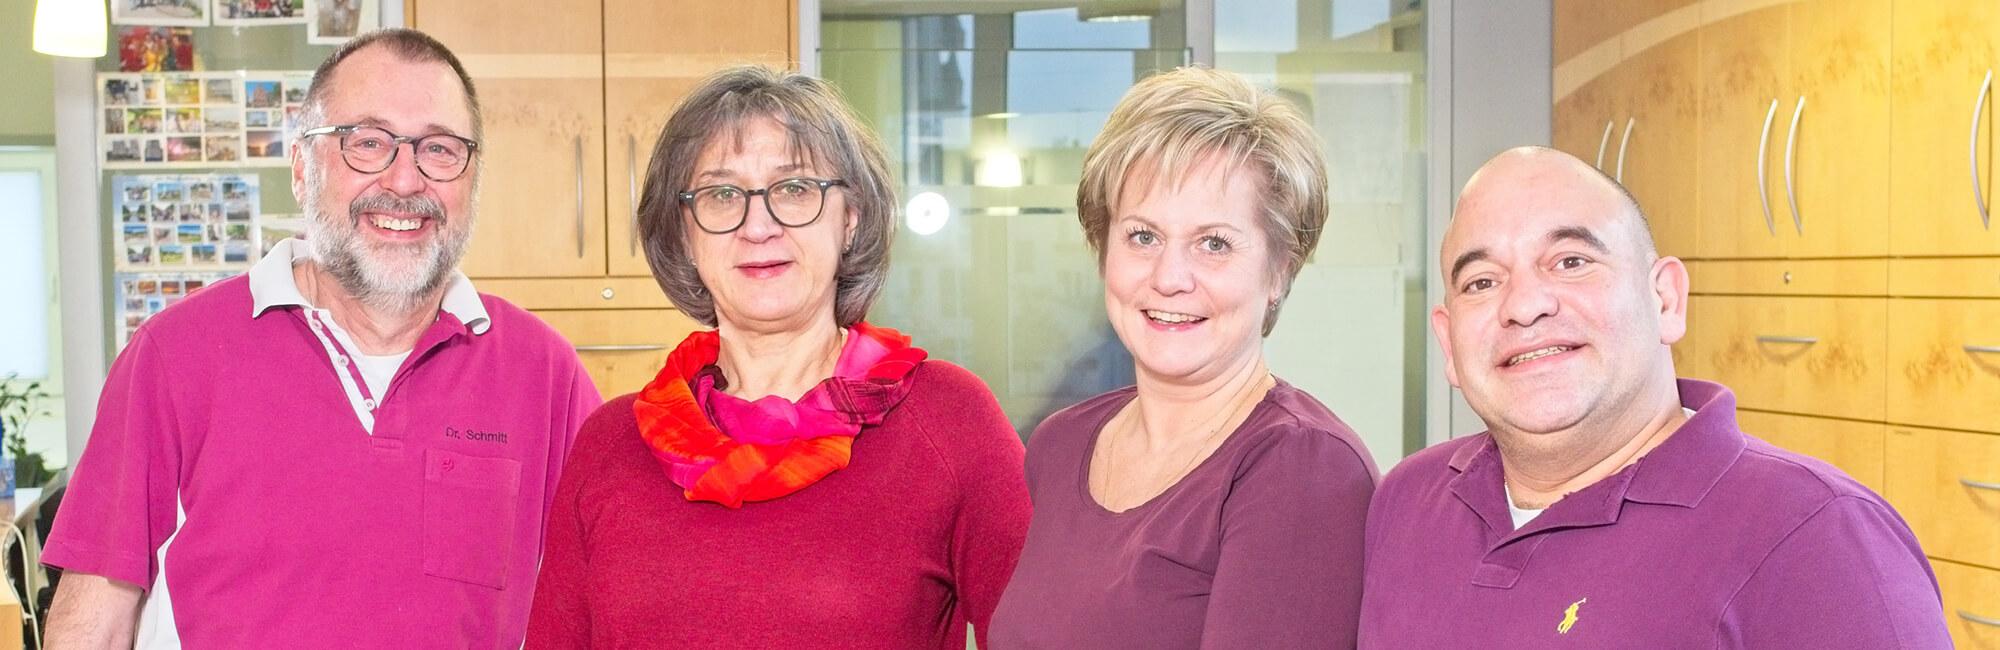 Hausarztpraxis Rheinstraße in Nastätten - Team Slider